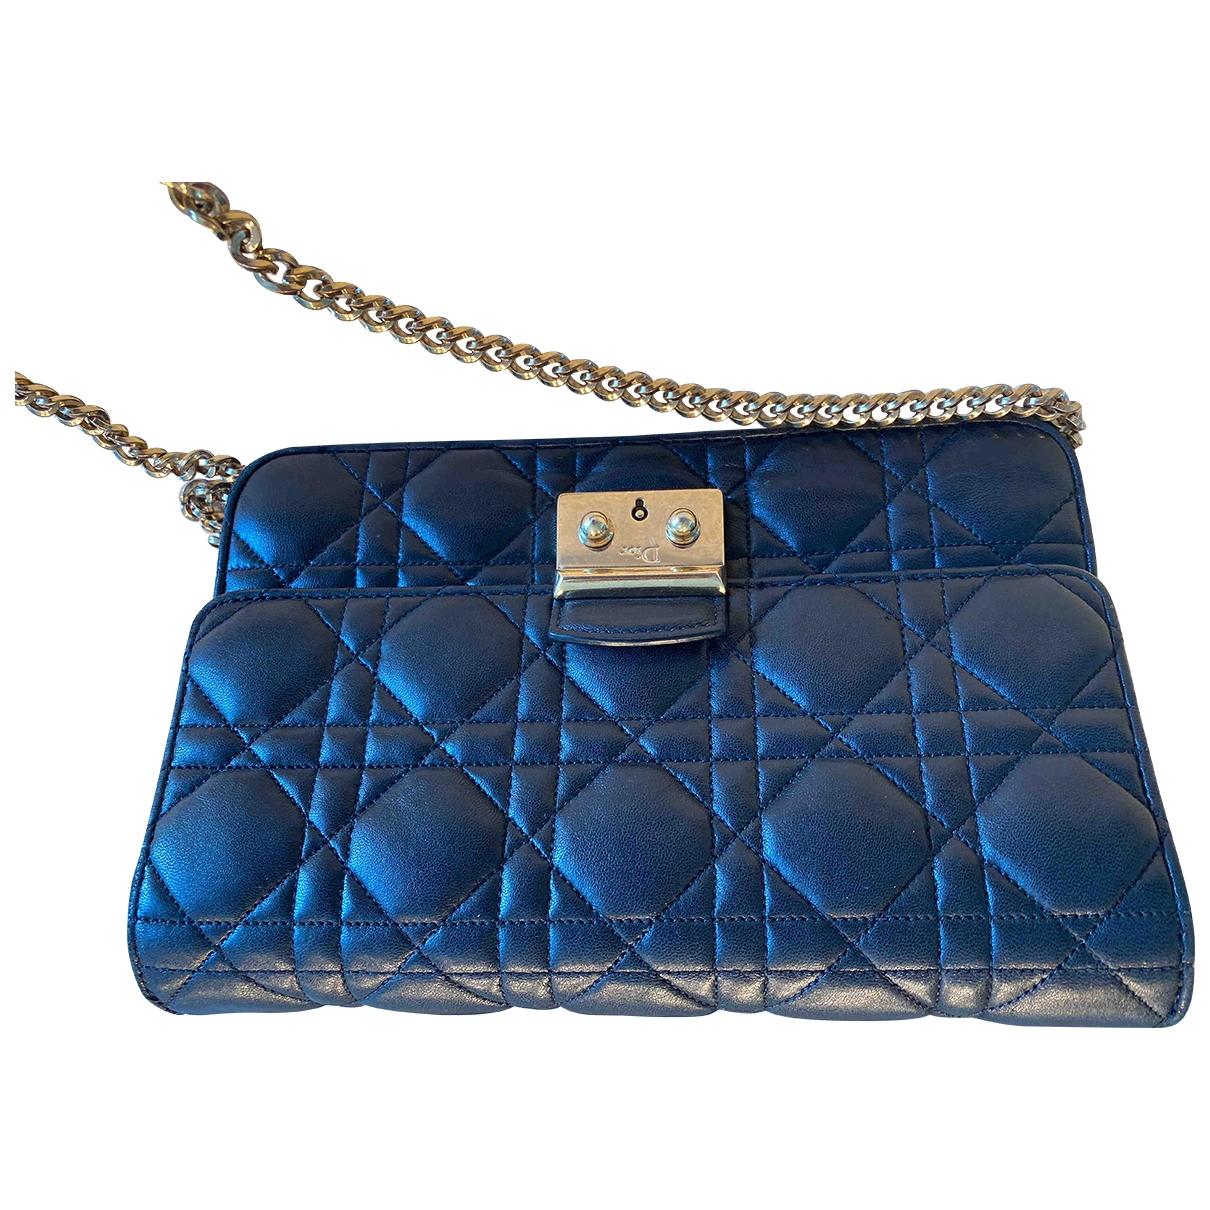 Dior - Sac a main Miss Dior pour femme en cuir - noir